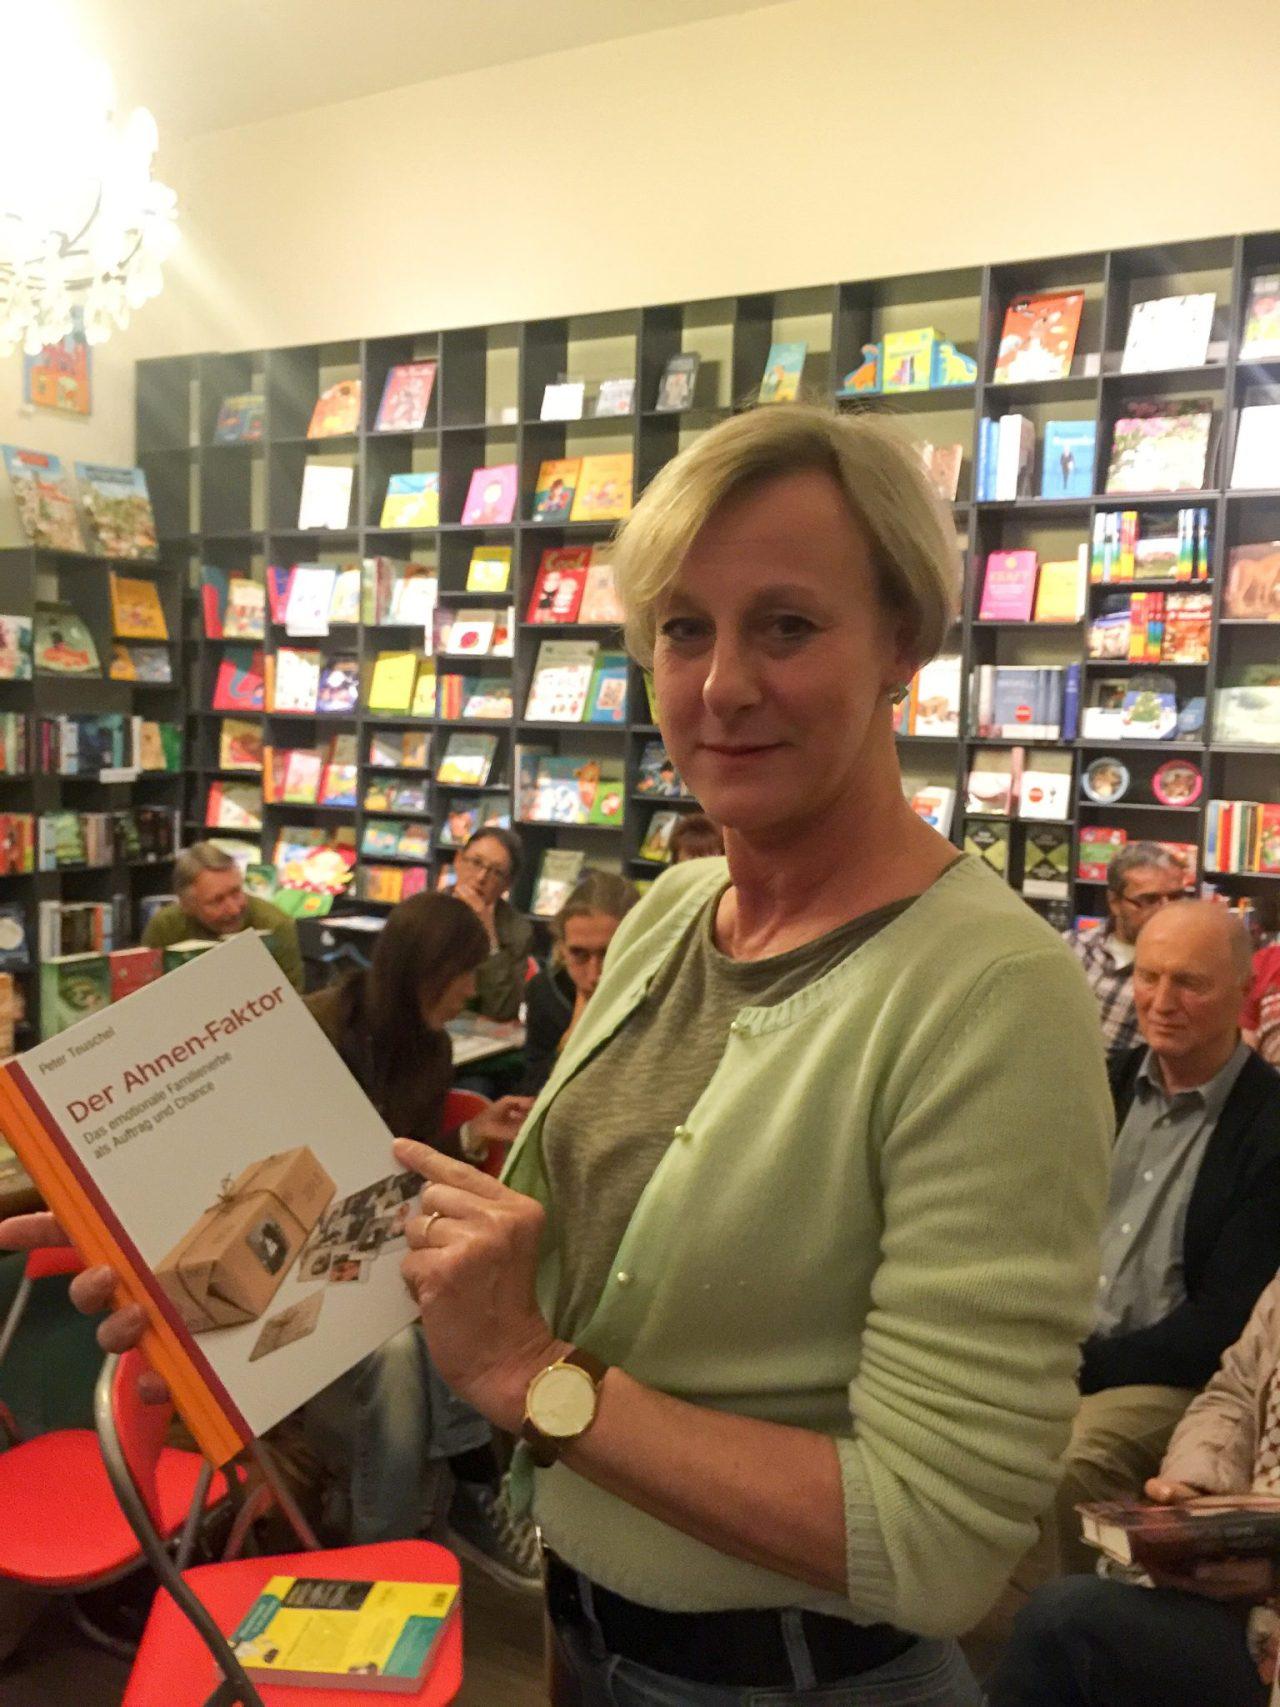 Die Chefin der Glockenbachbuchhandlung, Petra Schulz, mit dem Ahnen-Faktor